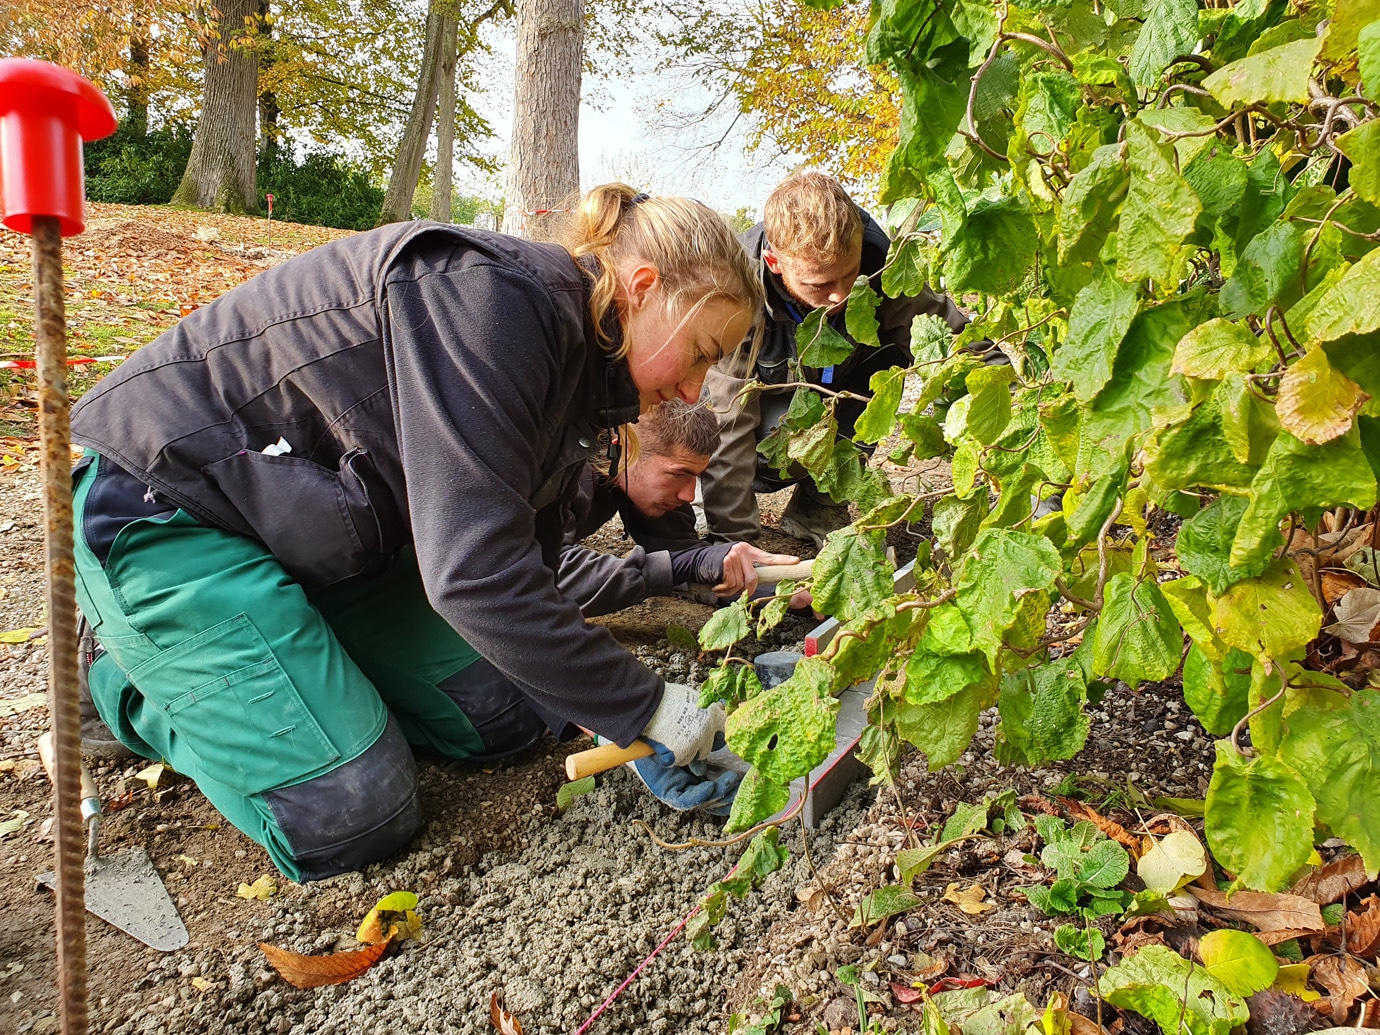 La formation paysagiste : de nombreuses perspectives